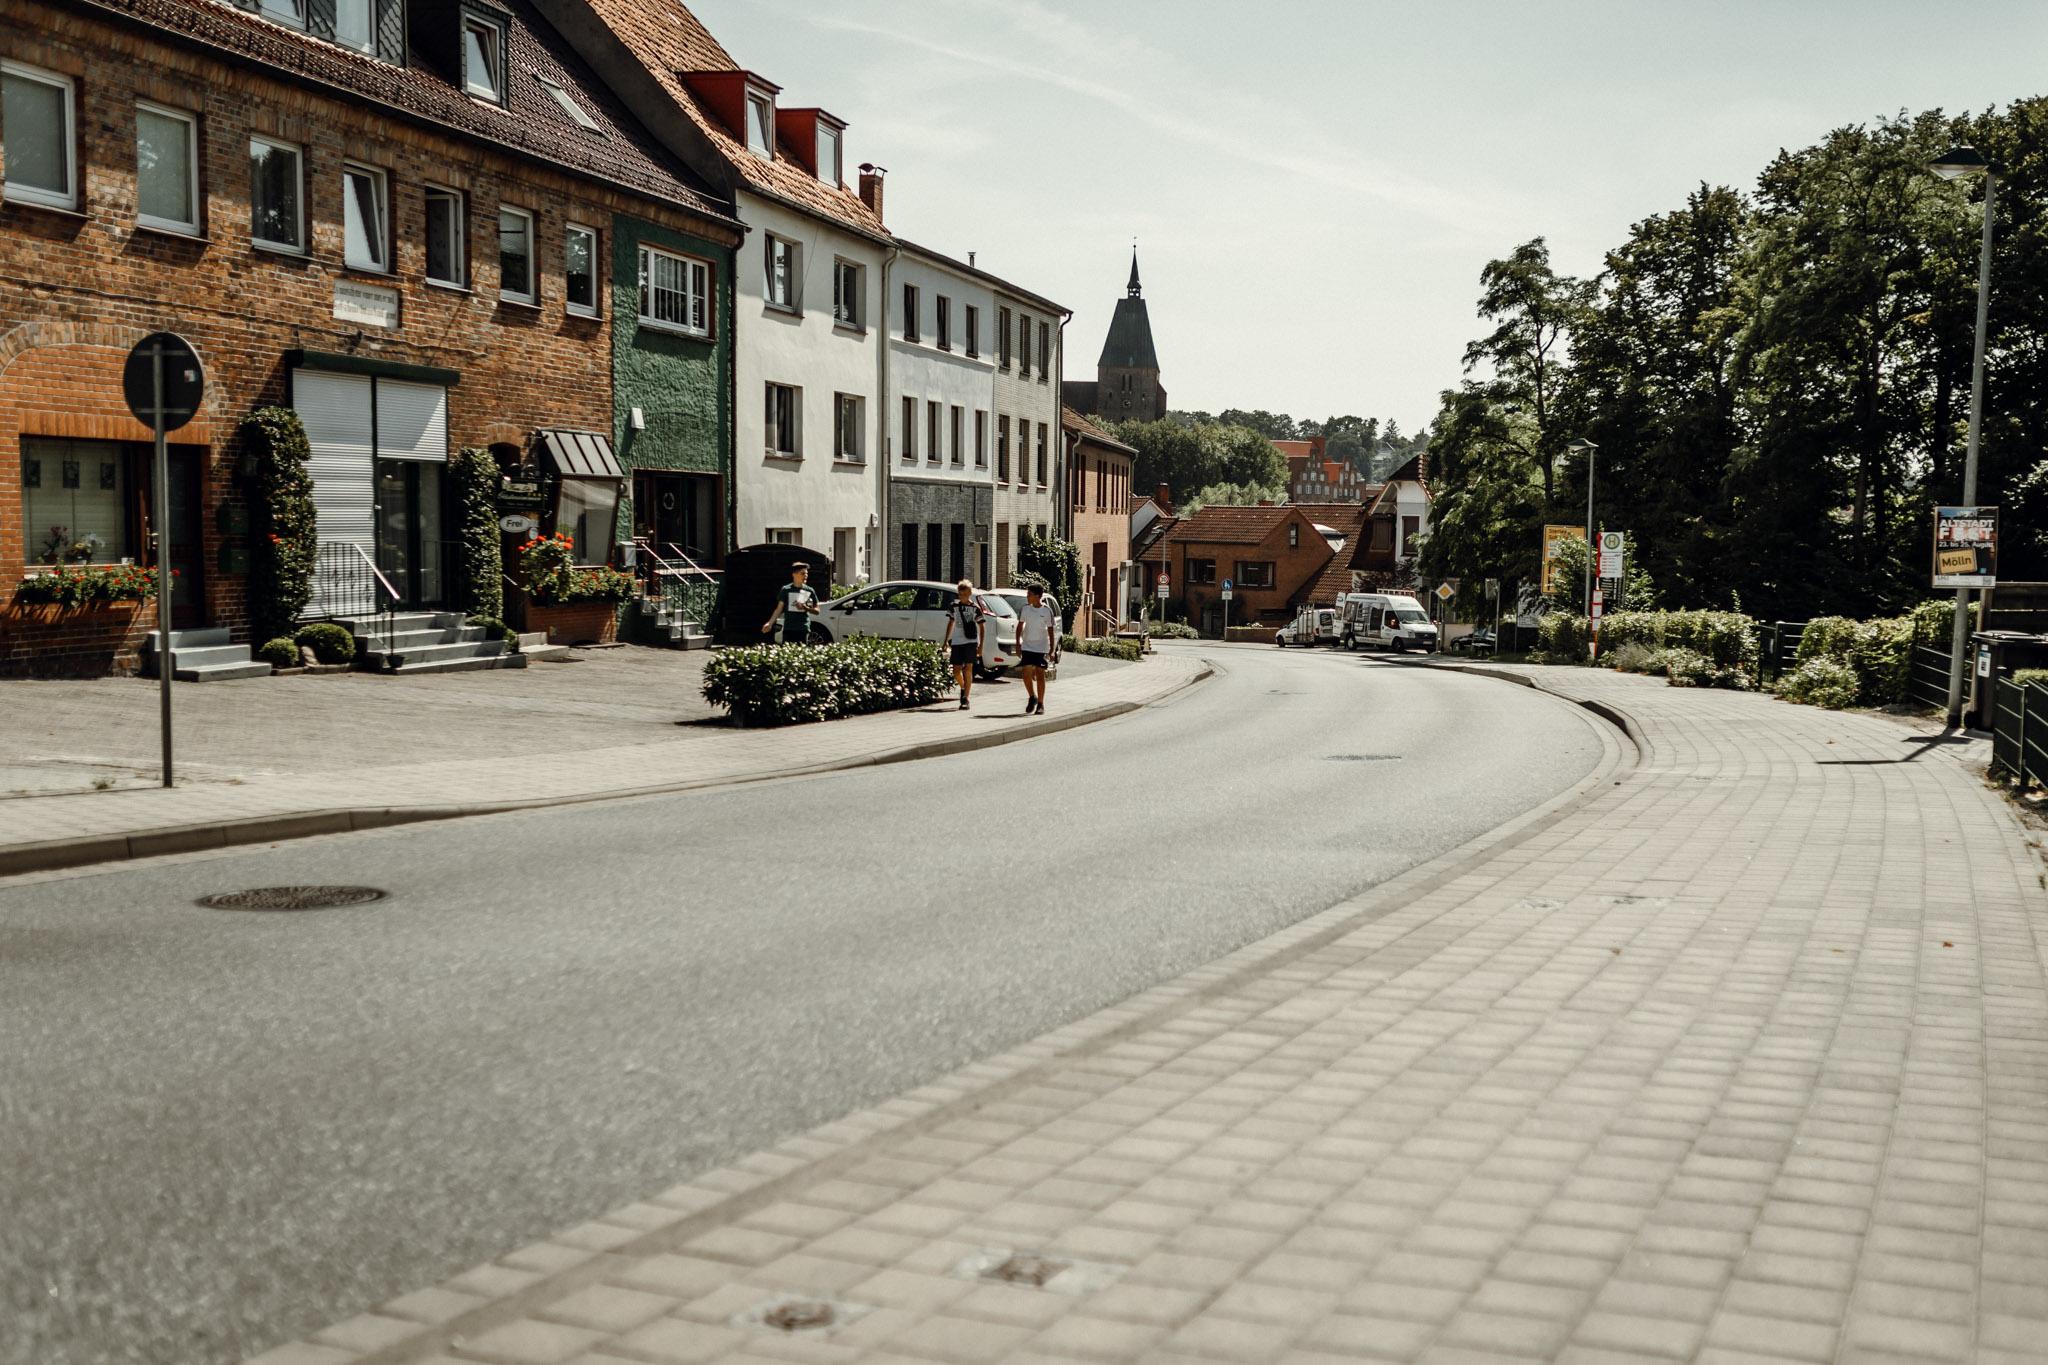 Sven Schomburg Hochzeitsfotografie, Hamburg, Mölln, Hochzeitsfieber by Photo-Schomburg, Hochzeitsreportage, Forsthaus Waldhusen, Braut, Bräutigam-6